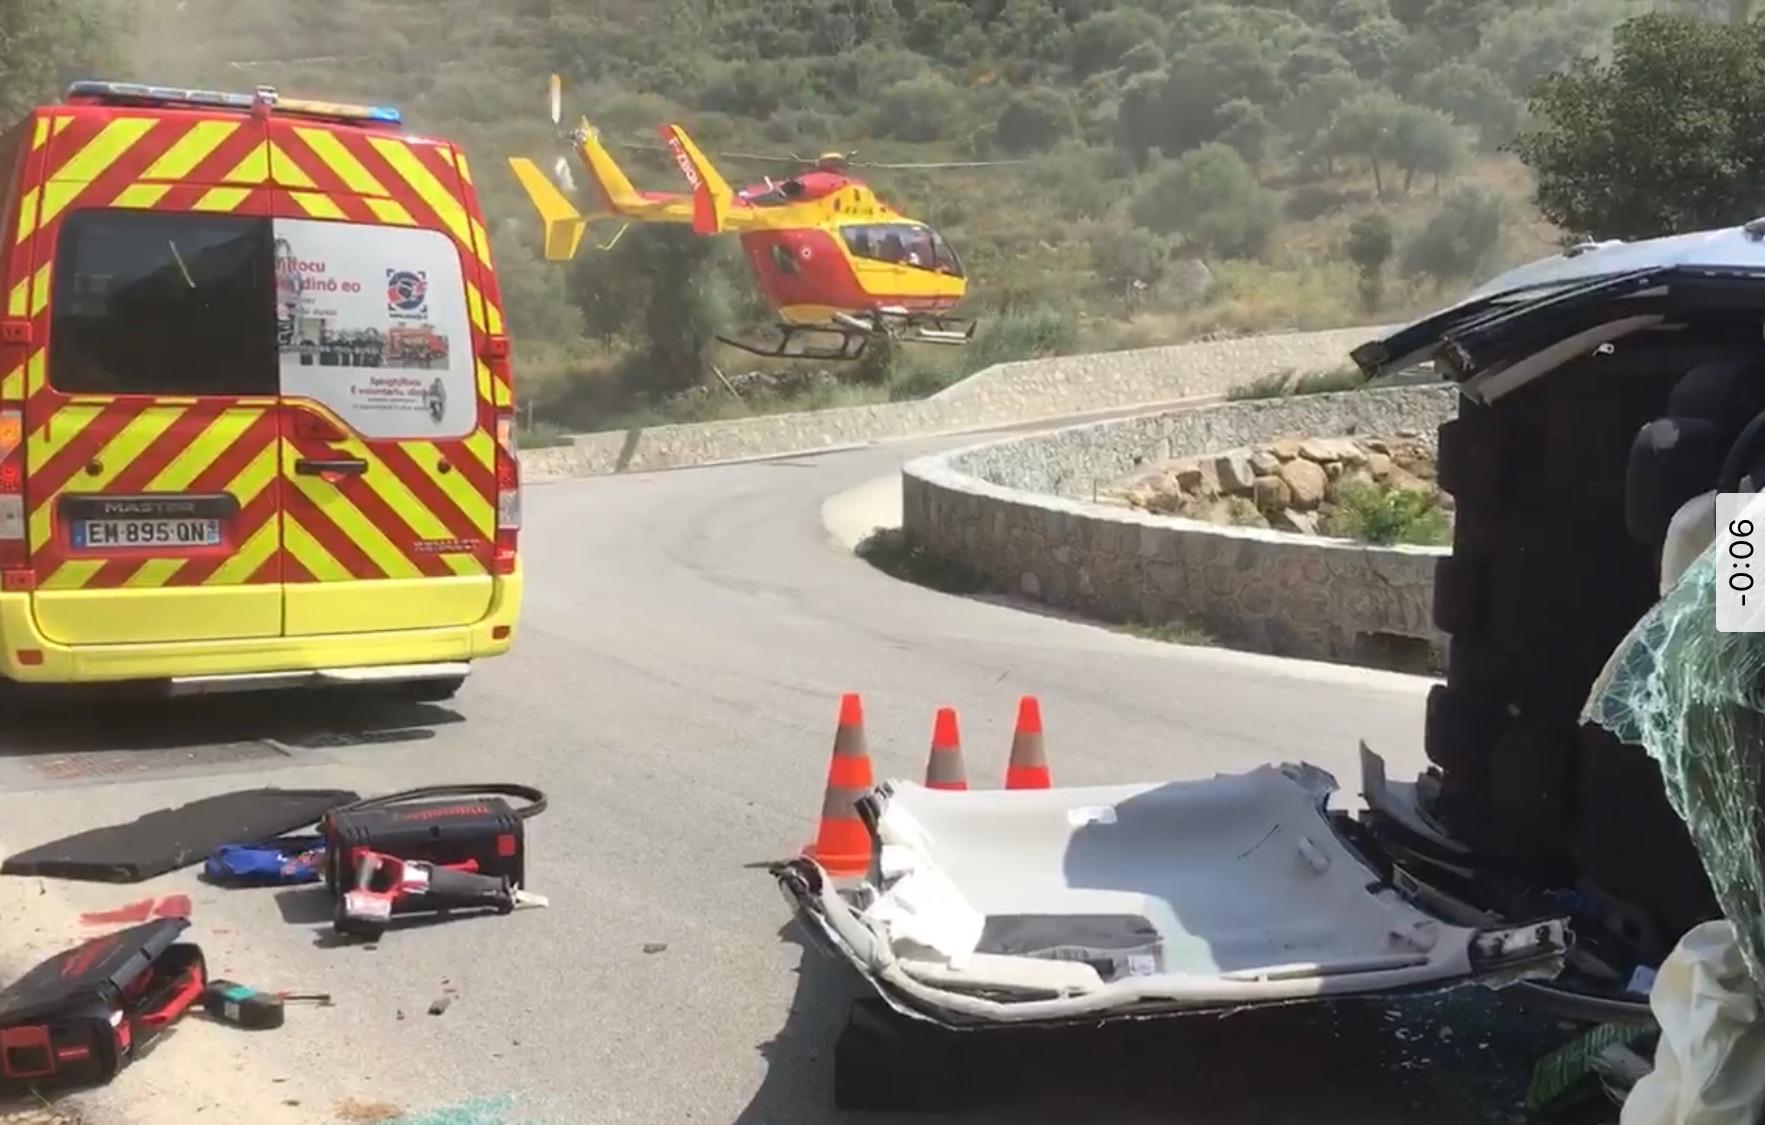 Accident à Santa-Reparata-di-Balagna : 2 blessés dont un grave  évacué par hélicoptère